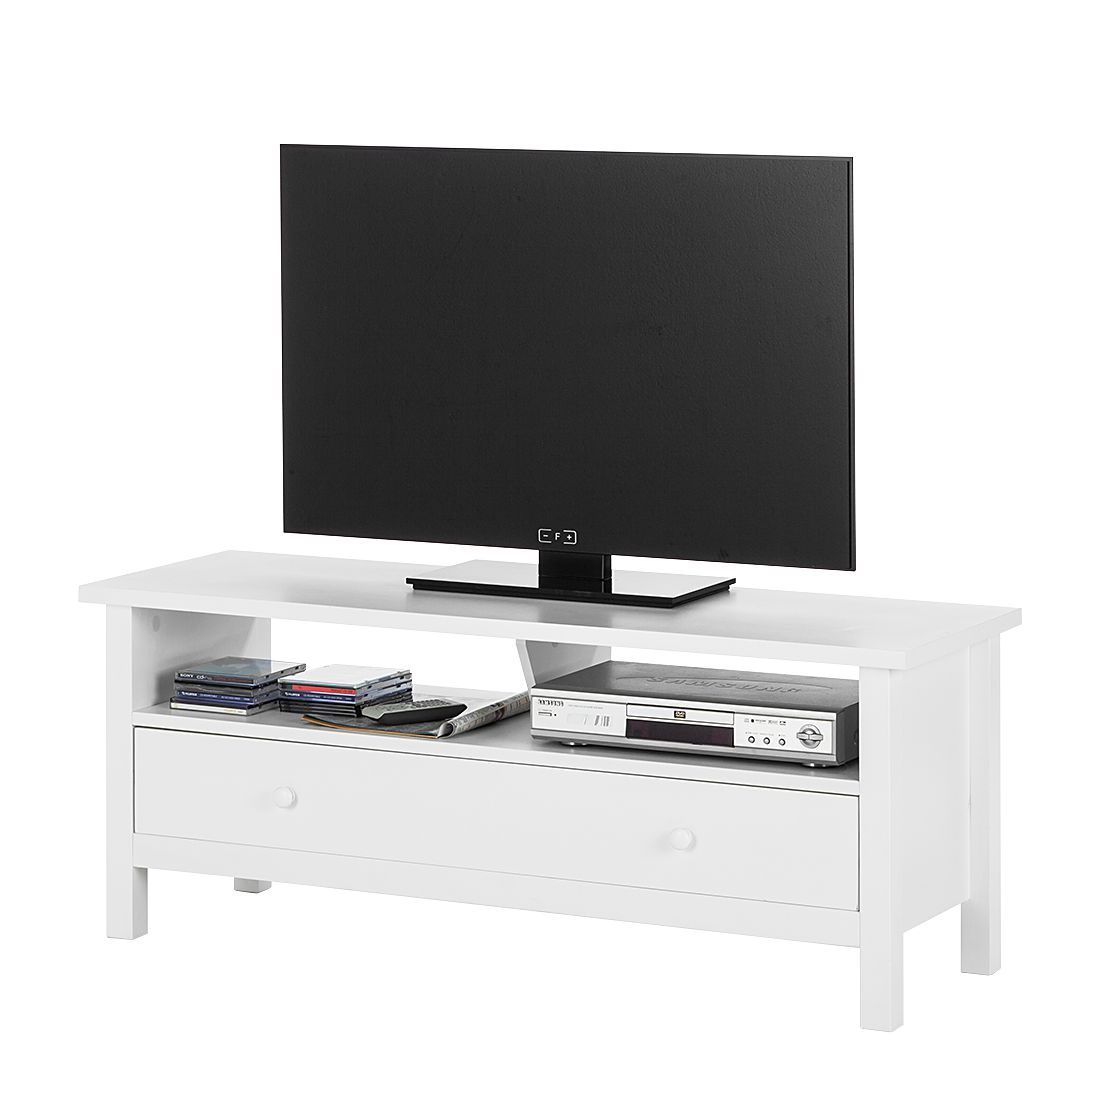 lowboard kiefer. Black Bedroom Furniture Sets. Home Design Ideas